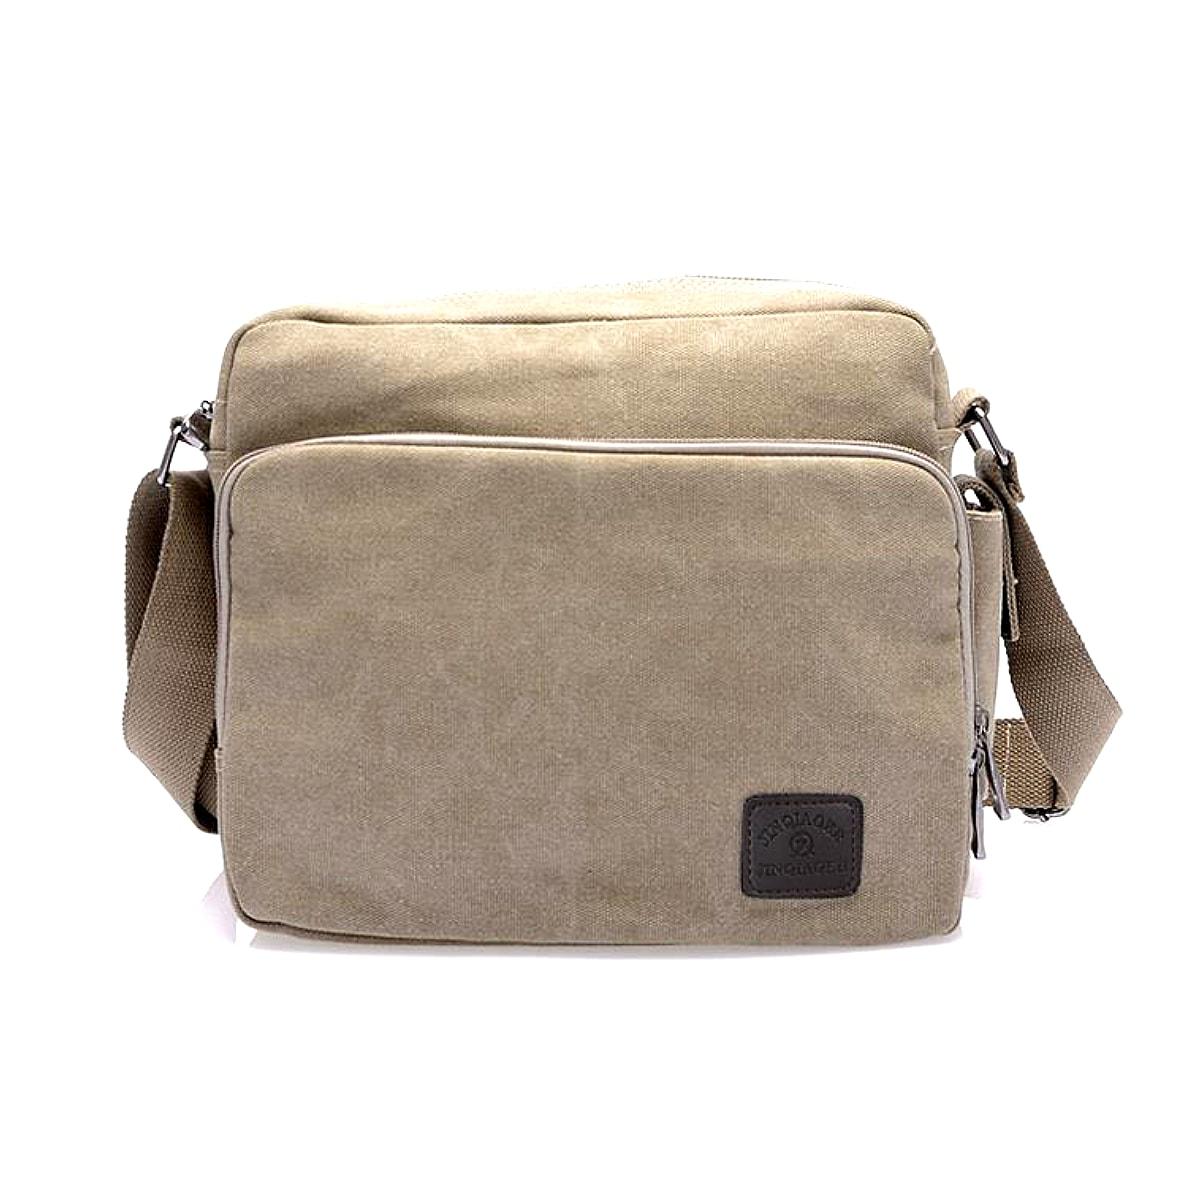 【送料無料!】全4色! [Vintage Canvas Multifunctional Shoulder Bag] ビンテージ・キャンバス・マルチファンクショナル・ショルダーバッグ! 男女兼用 メッセンジャーバッグ 鞄 斜め掛け 旅行 サブバッグ ツールバッグ 多収納 ポケット ミリタリー アーミー バイクに!